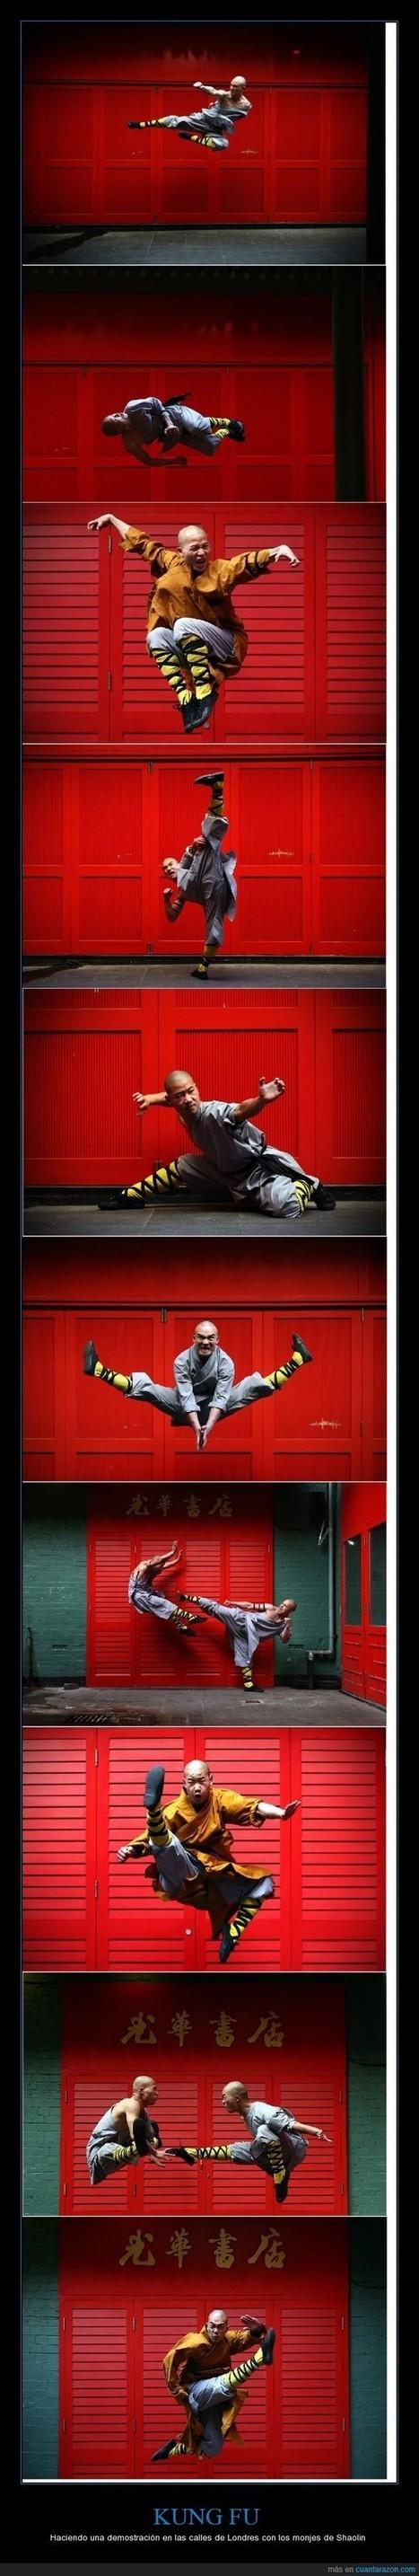 KUNG FU - Haciendo una demostración en las calles de Londres con los monjes de Shaolin | Humor24h | Scoop.it